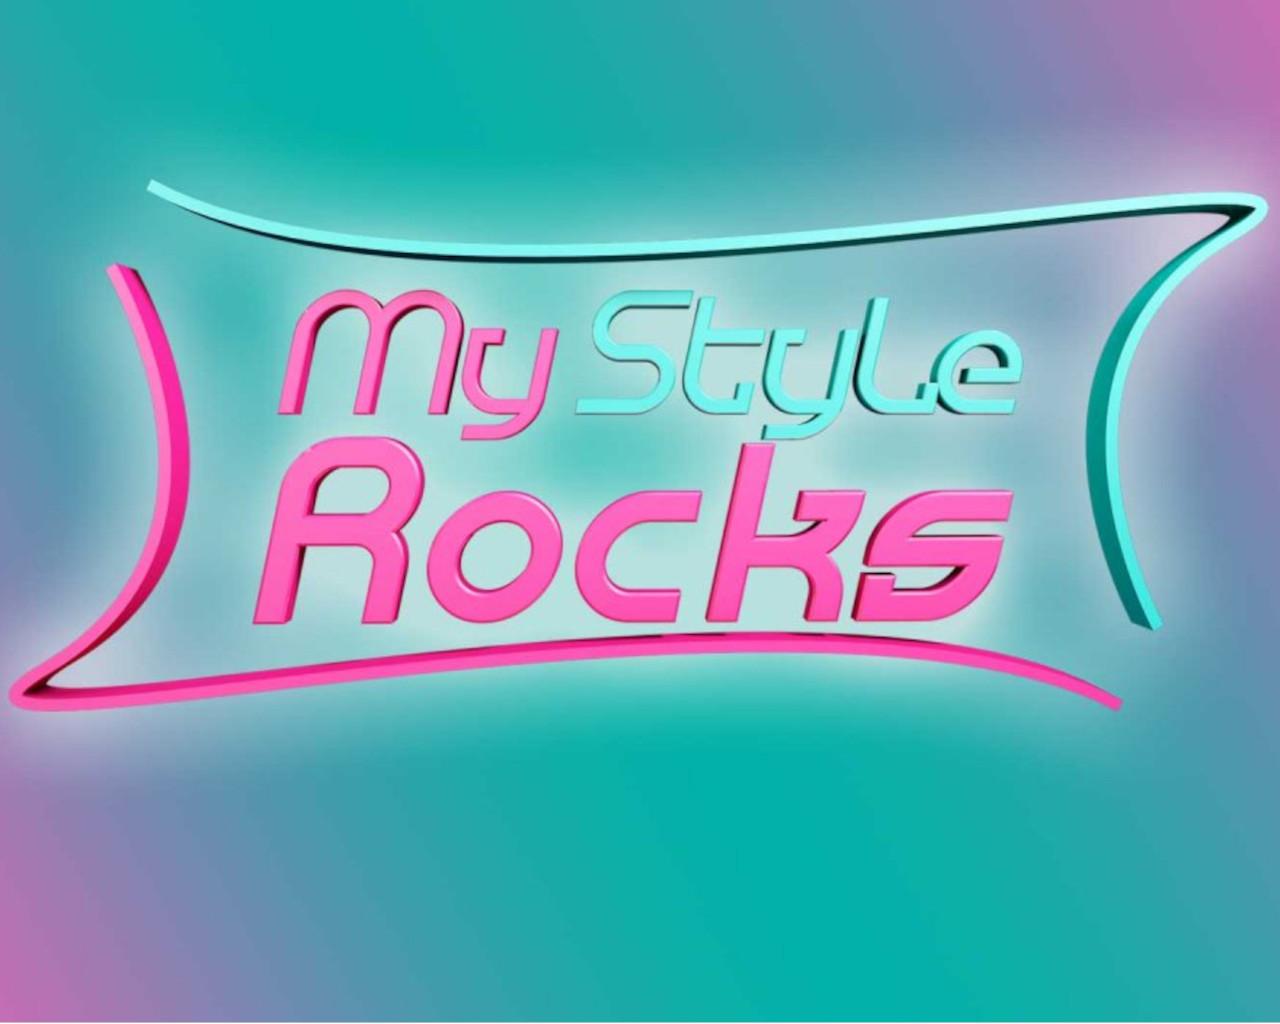 my style rocks,my style rocks,my style rocks gala,my style rocks αποχωρηση,my style rocks παικτριεσ,my style rocks trailer,my style rocks κριτεσ,gntm 2,gntm 2020,gntm 2,gntm 2019,gntm 2020 κριτεσ,gntm 2020 ποτε ξεκιναει,gntm 2018